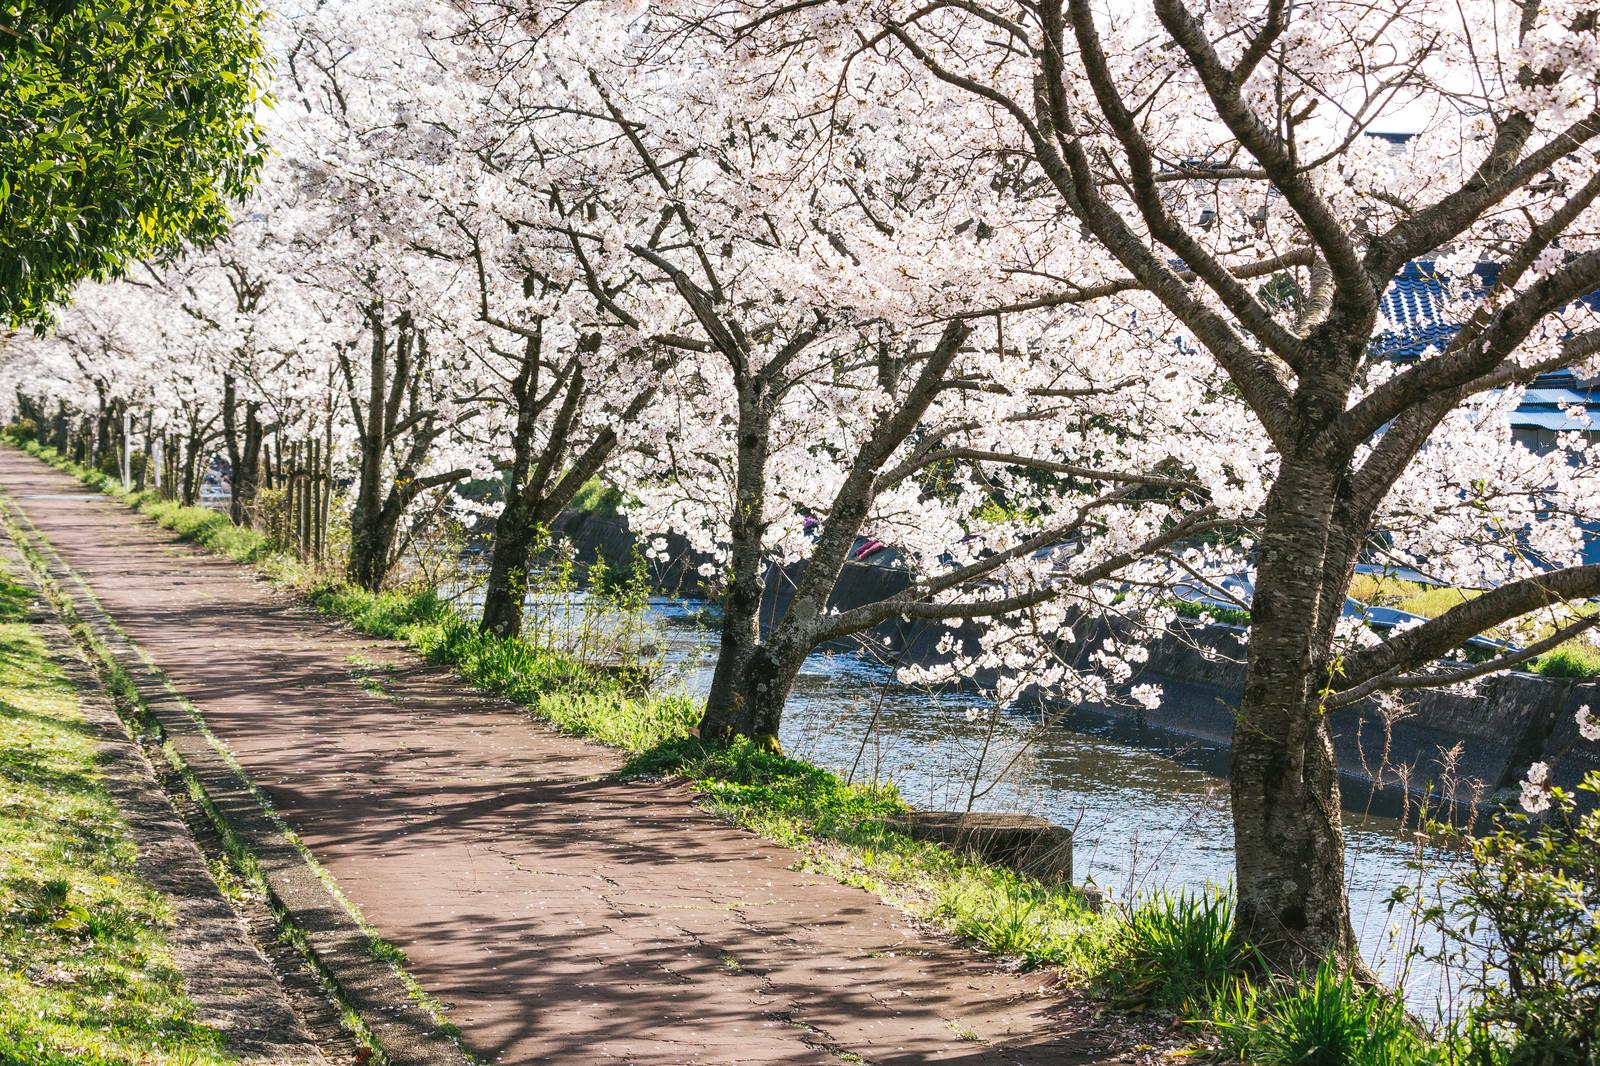 「満開の桜並木満開の桜並木」のフリー写真素材を拡大